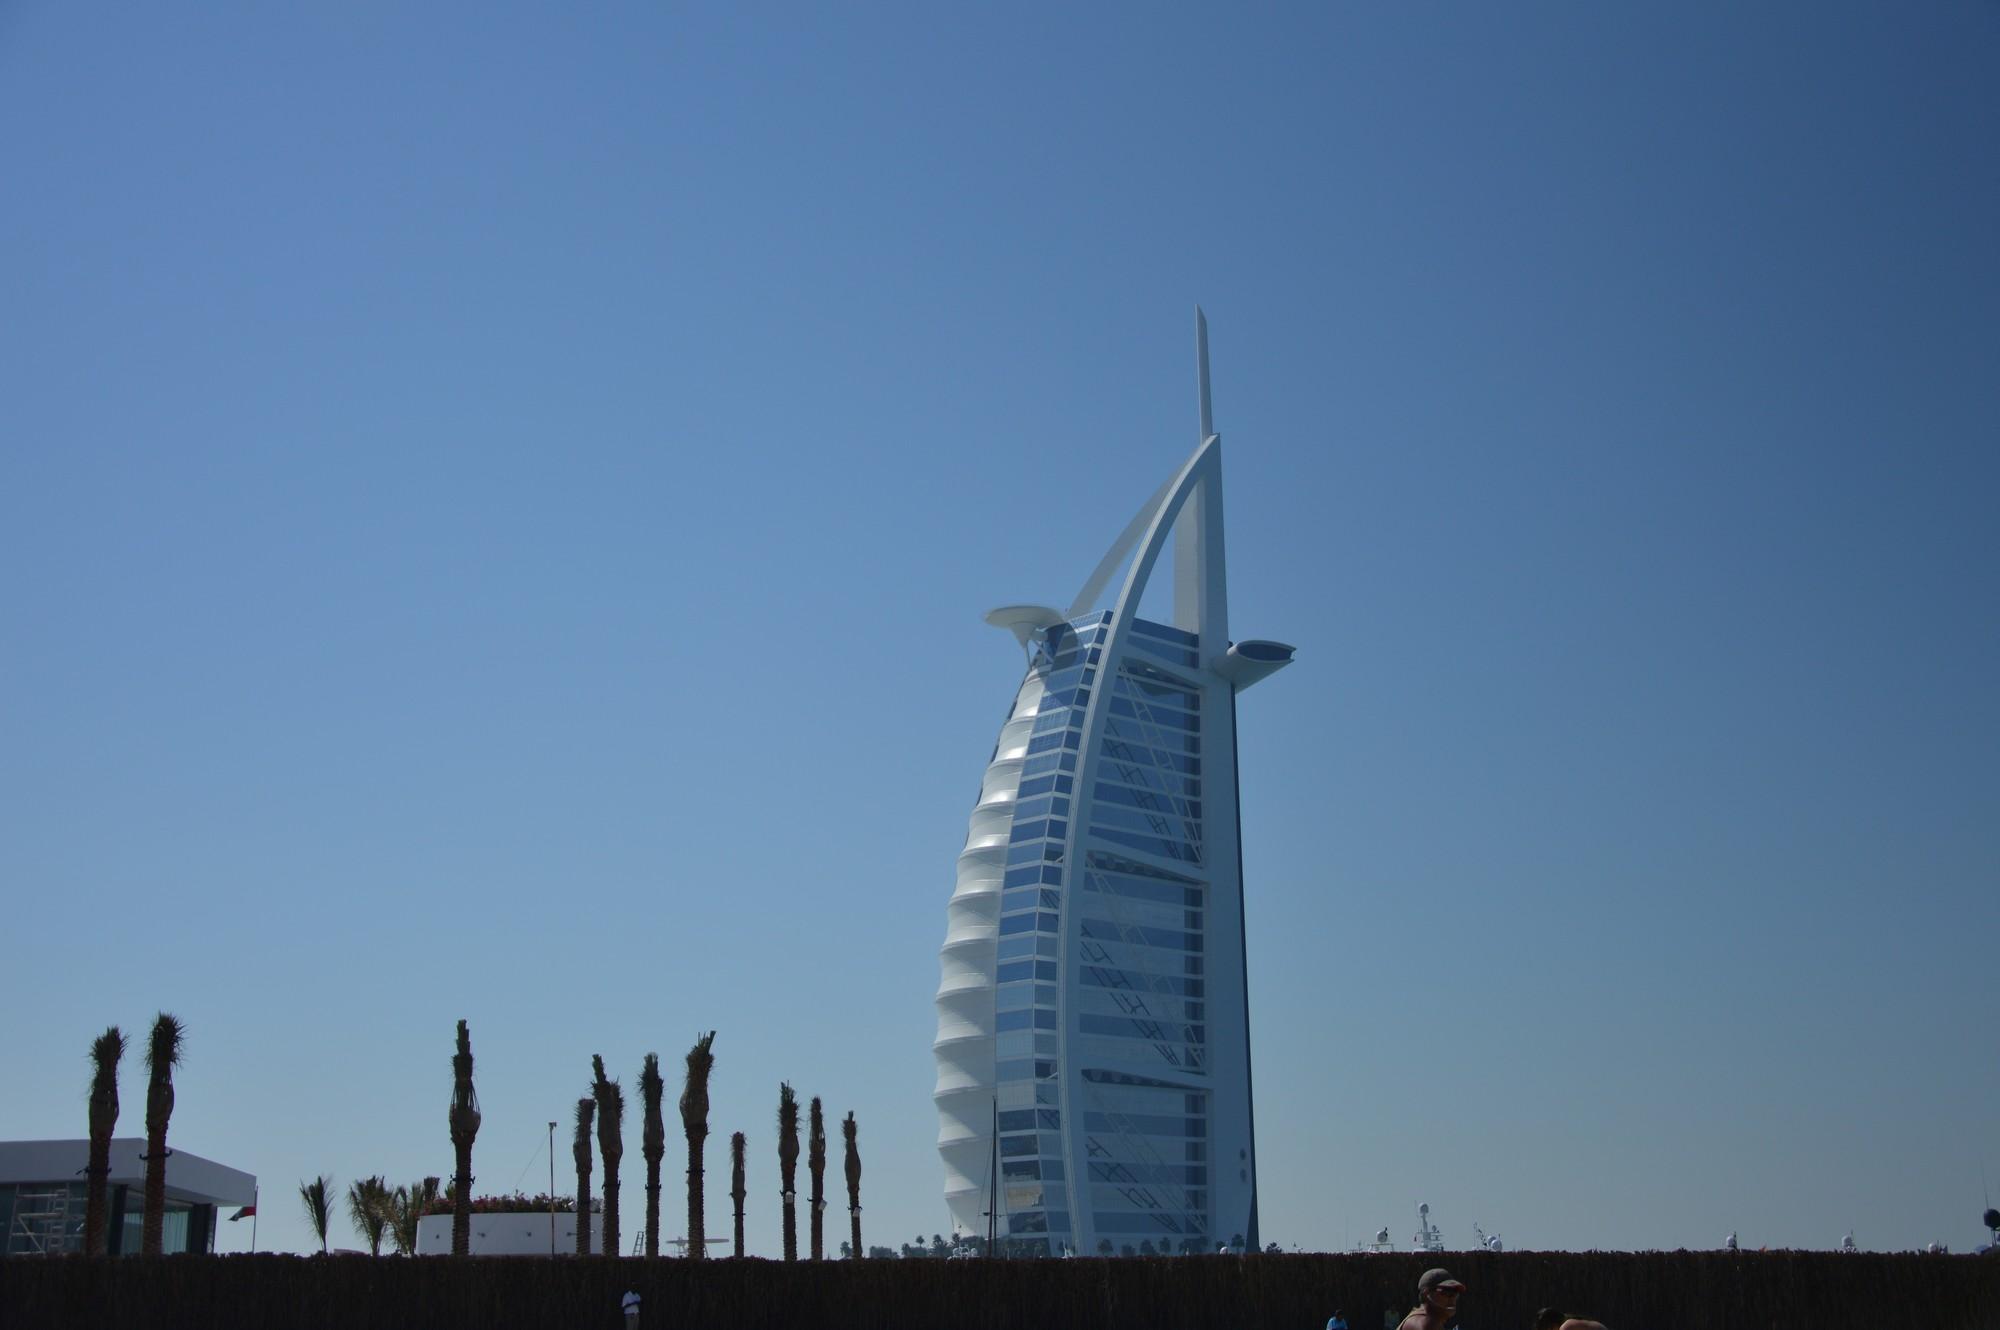 Les 5 incontournables de Dubaï